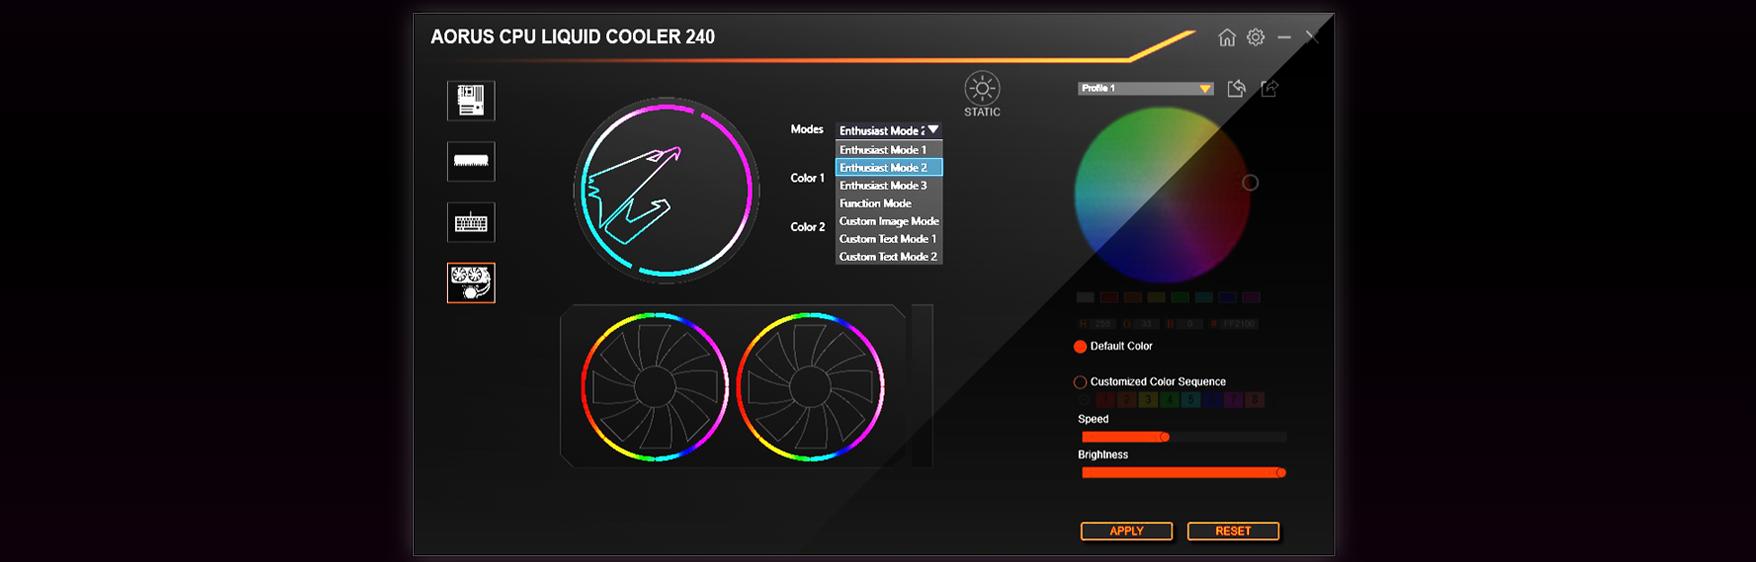 Tản nhiệt nước Gigabyte AORUS LIQUID COOLER 240 tuỳ biến dễ dàng với AORUS Engine 2.0 và RGB Fusion 2.0